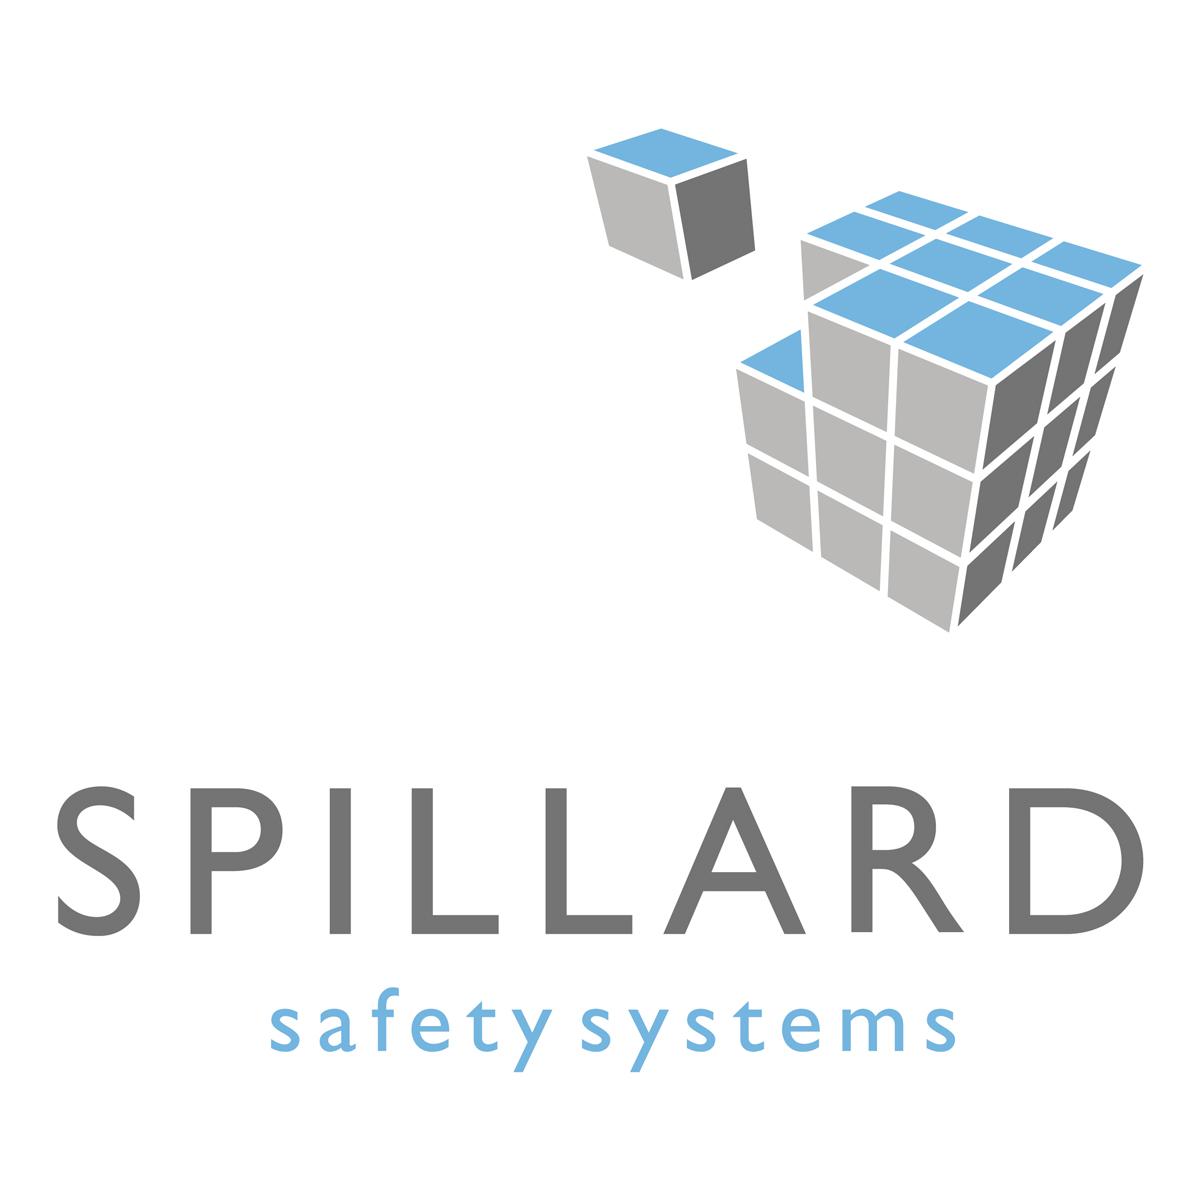 Spillard Safety Systems